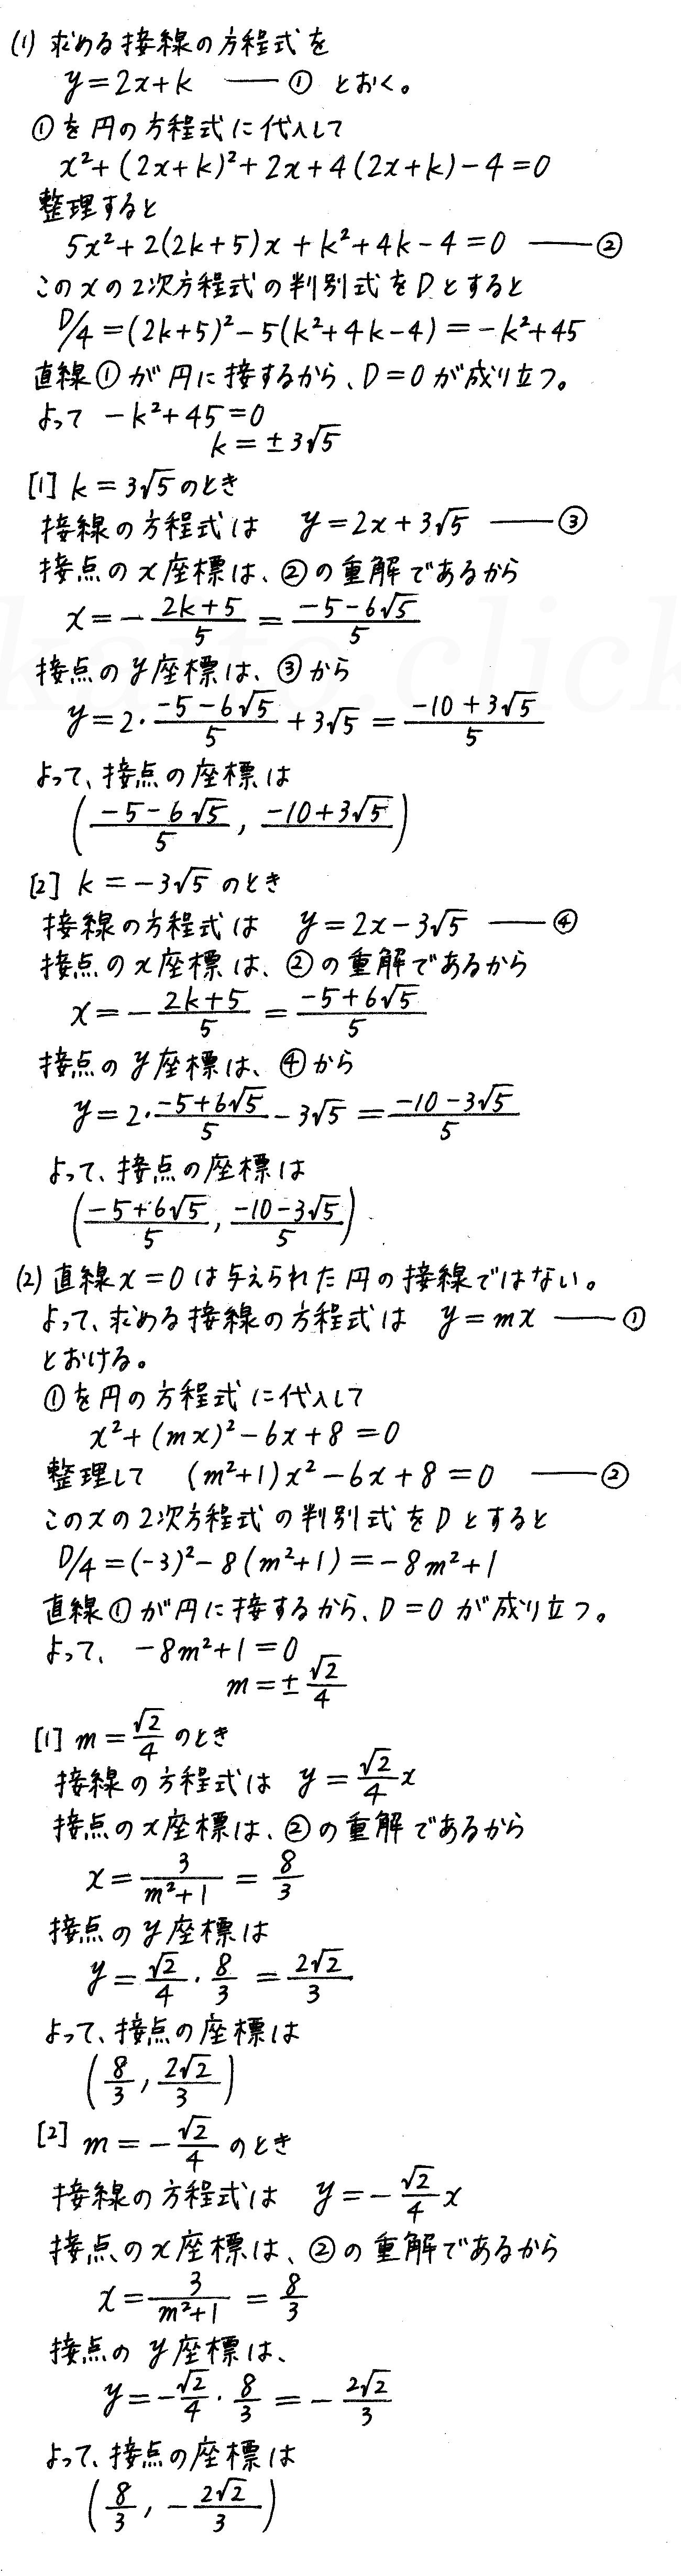 4STEP数学2-199解答